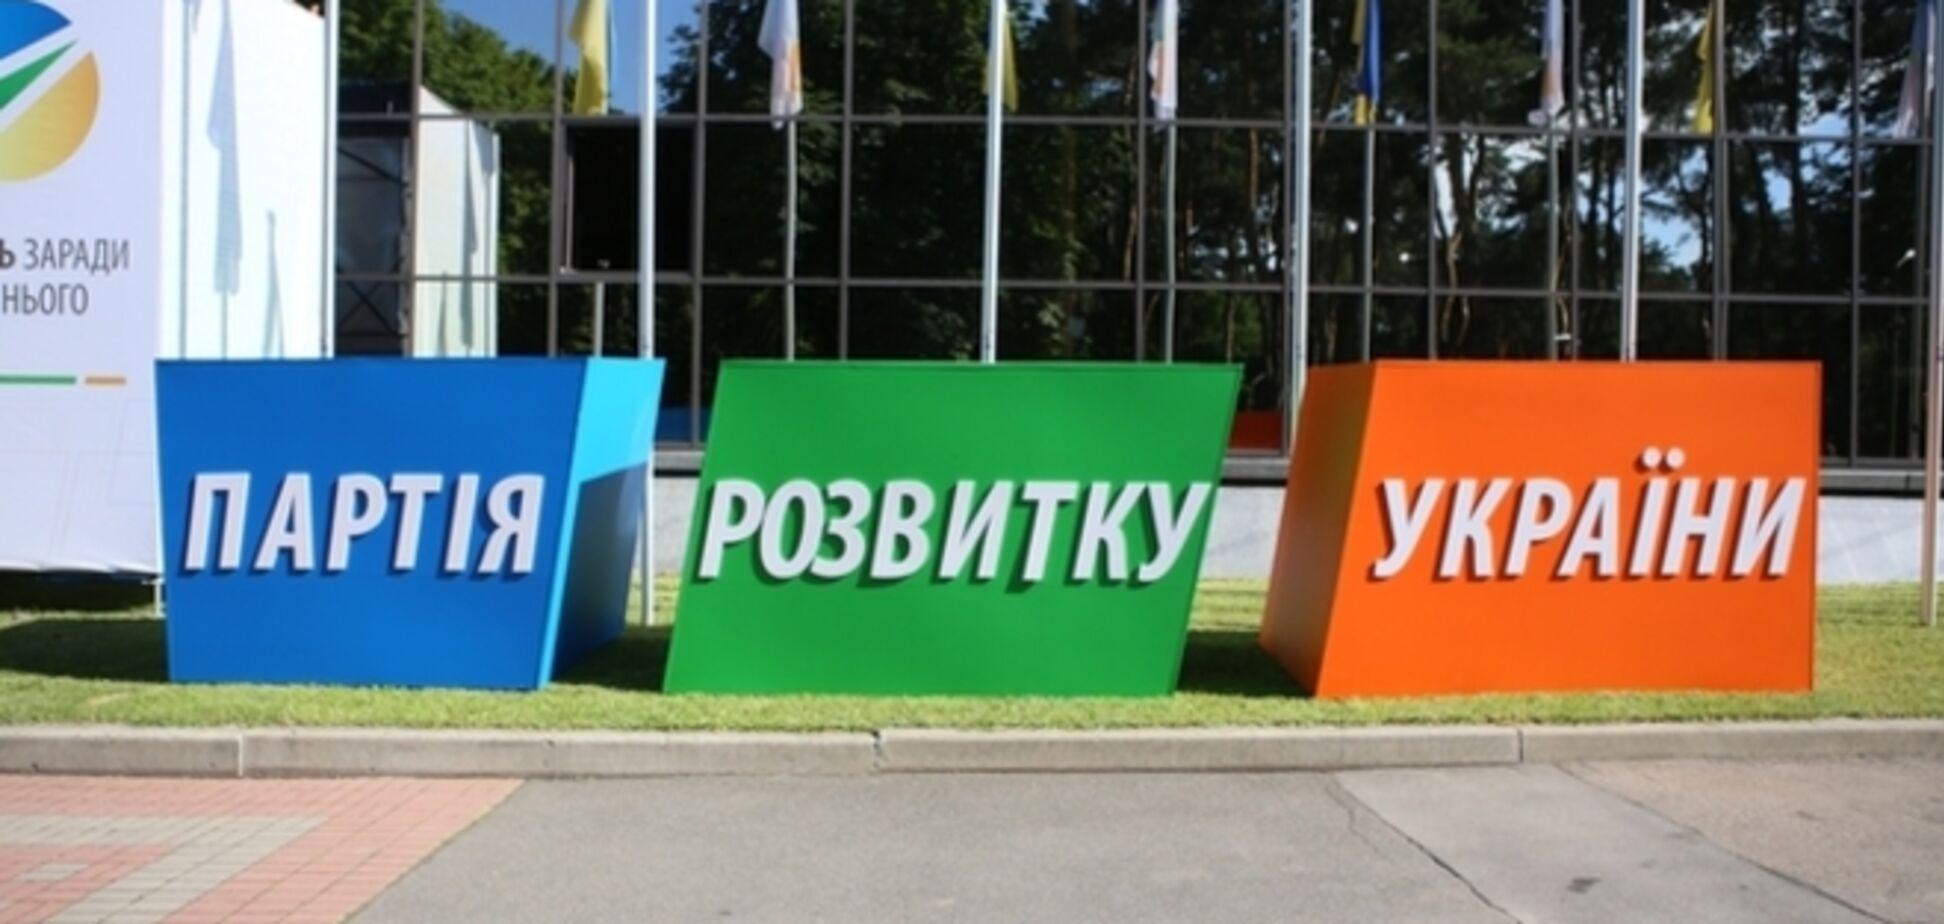 Партия Левочкина не пойдет на выборы, но разрешает своим членам пробиваться в Раду самостоятельно